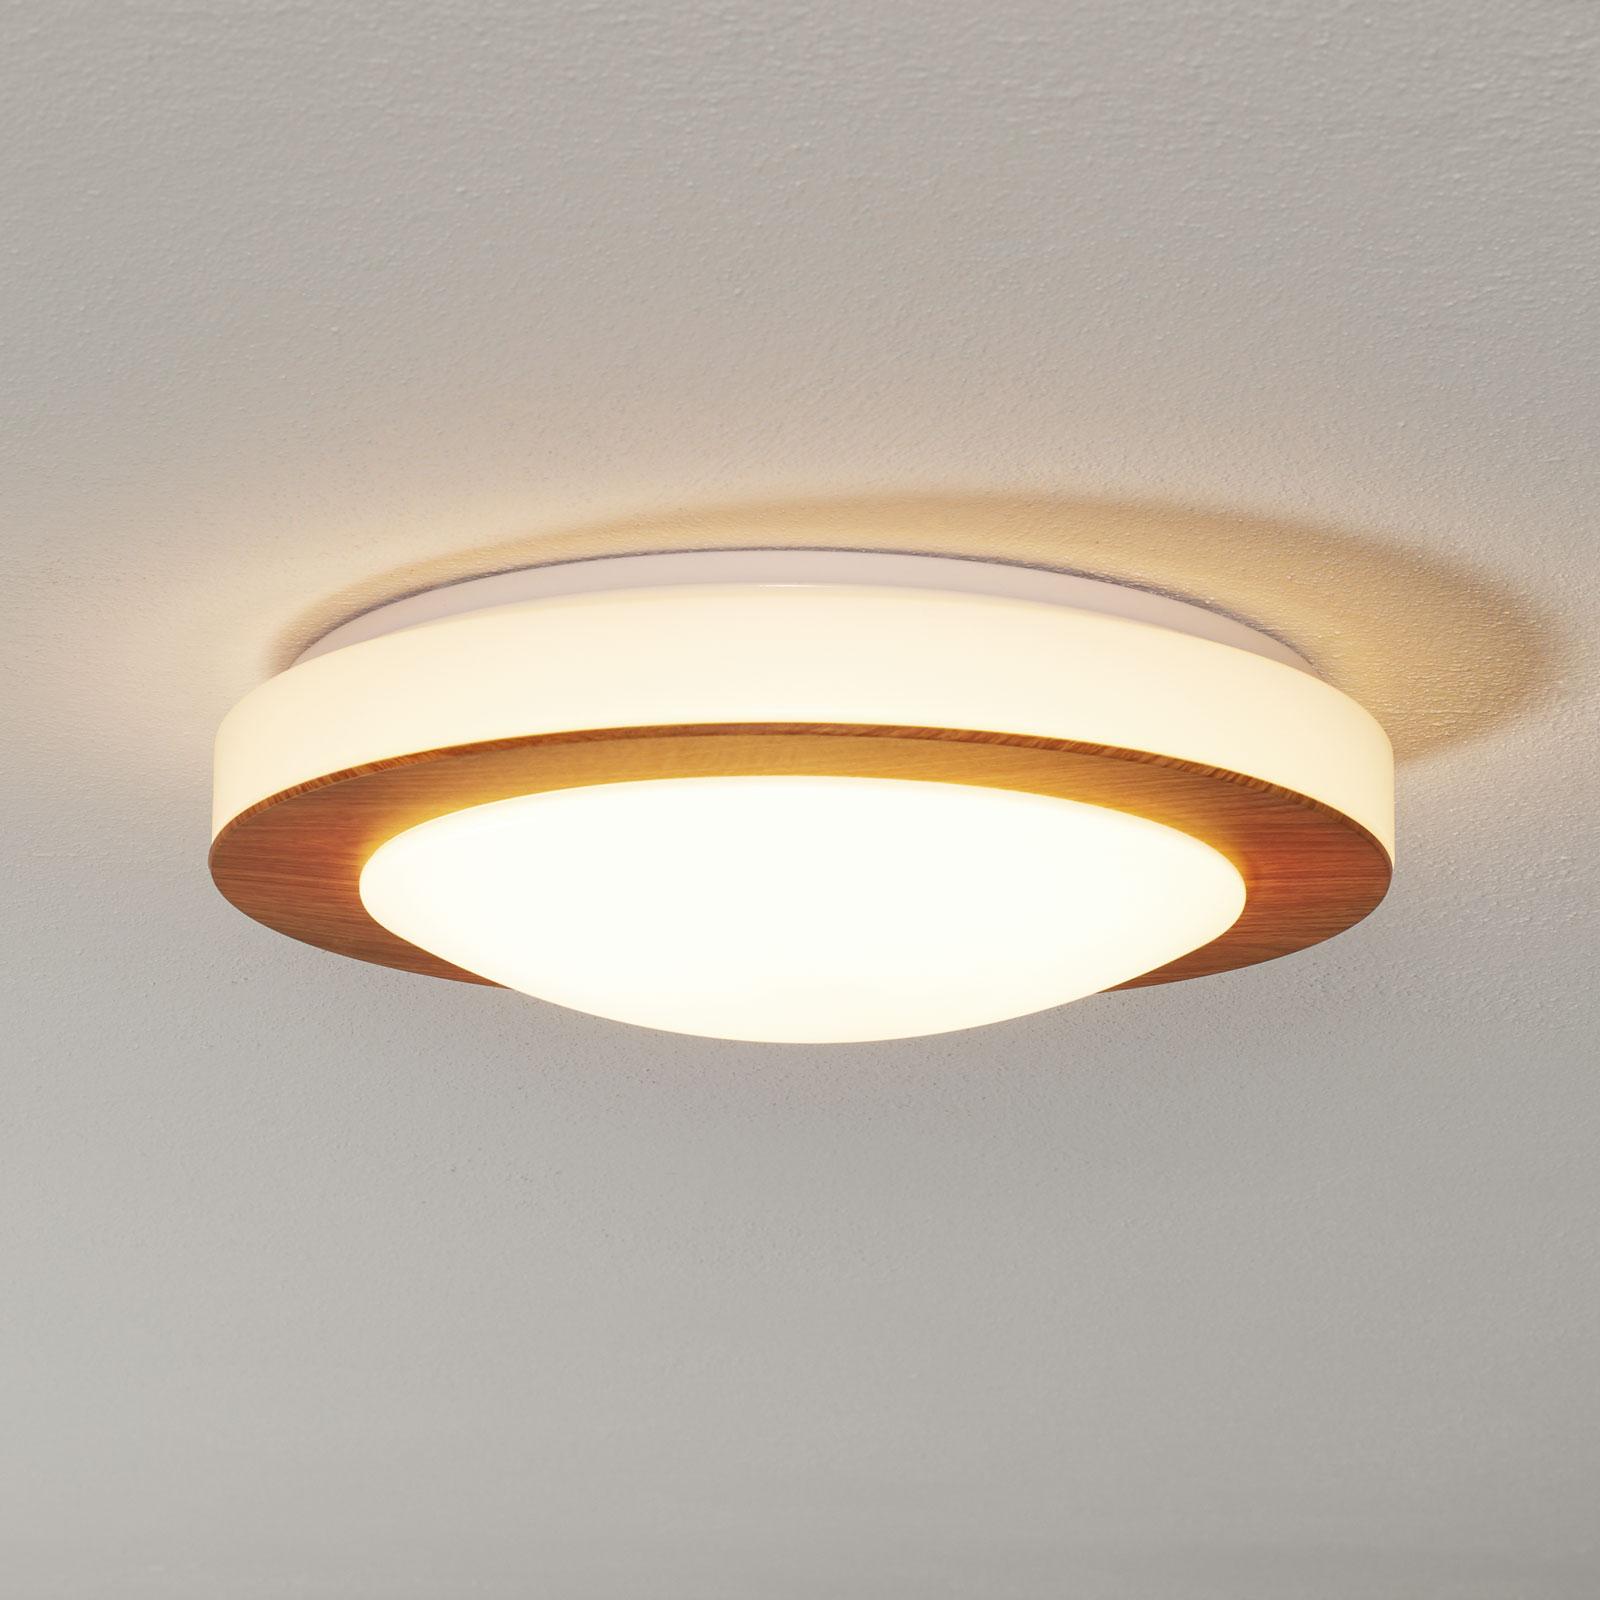 LED-kattovalaisin Gordon, puunvärinen lakkaus